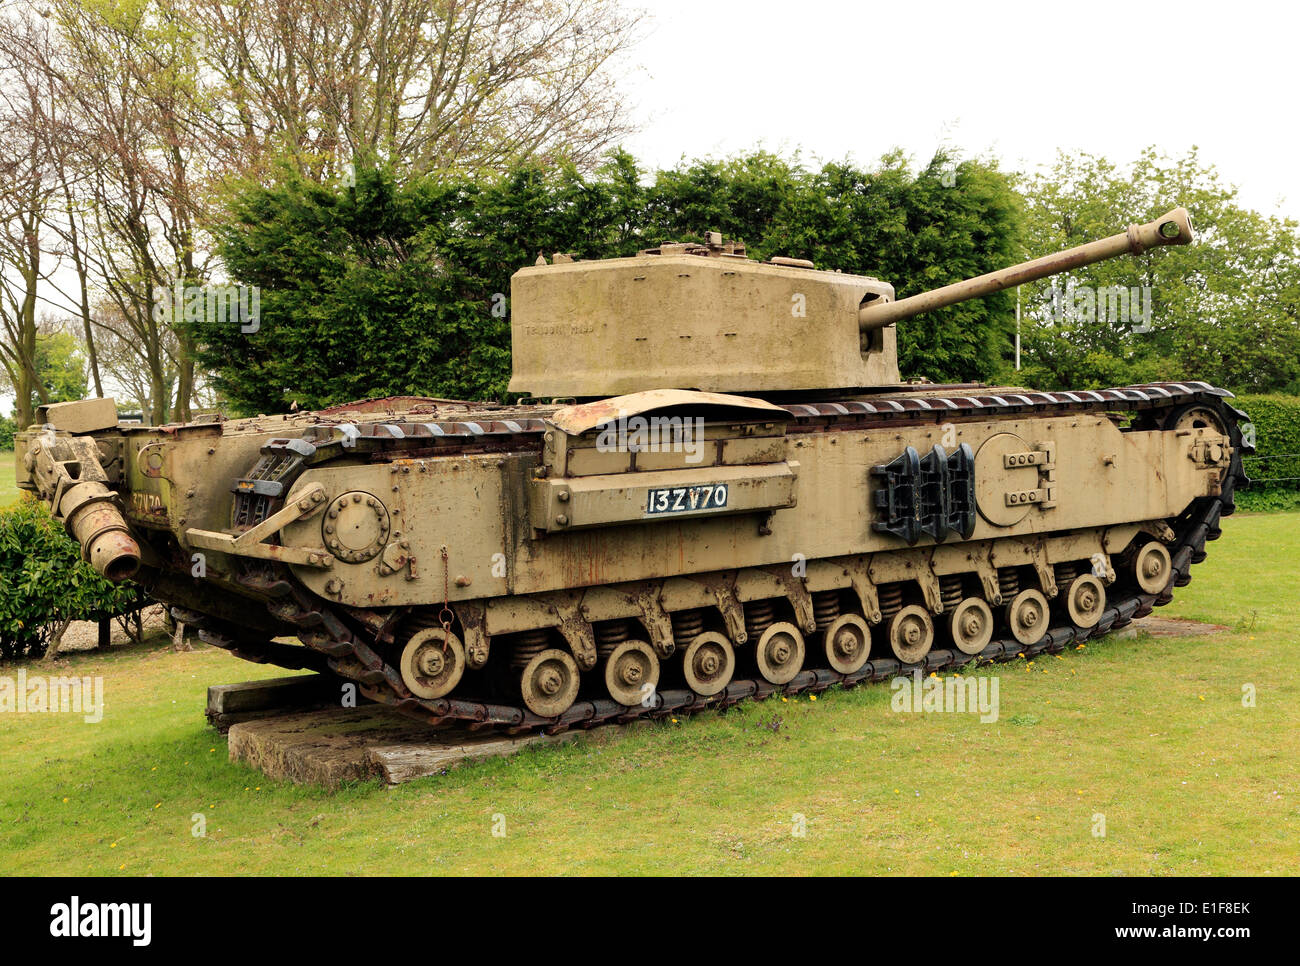 Muckleburgh Depósito y recogida de vehículos militares, tanques Weybourne Norfolk Inglaterra Imagen De Stock